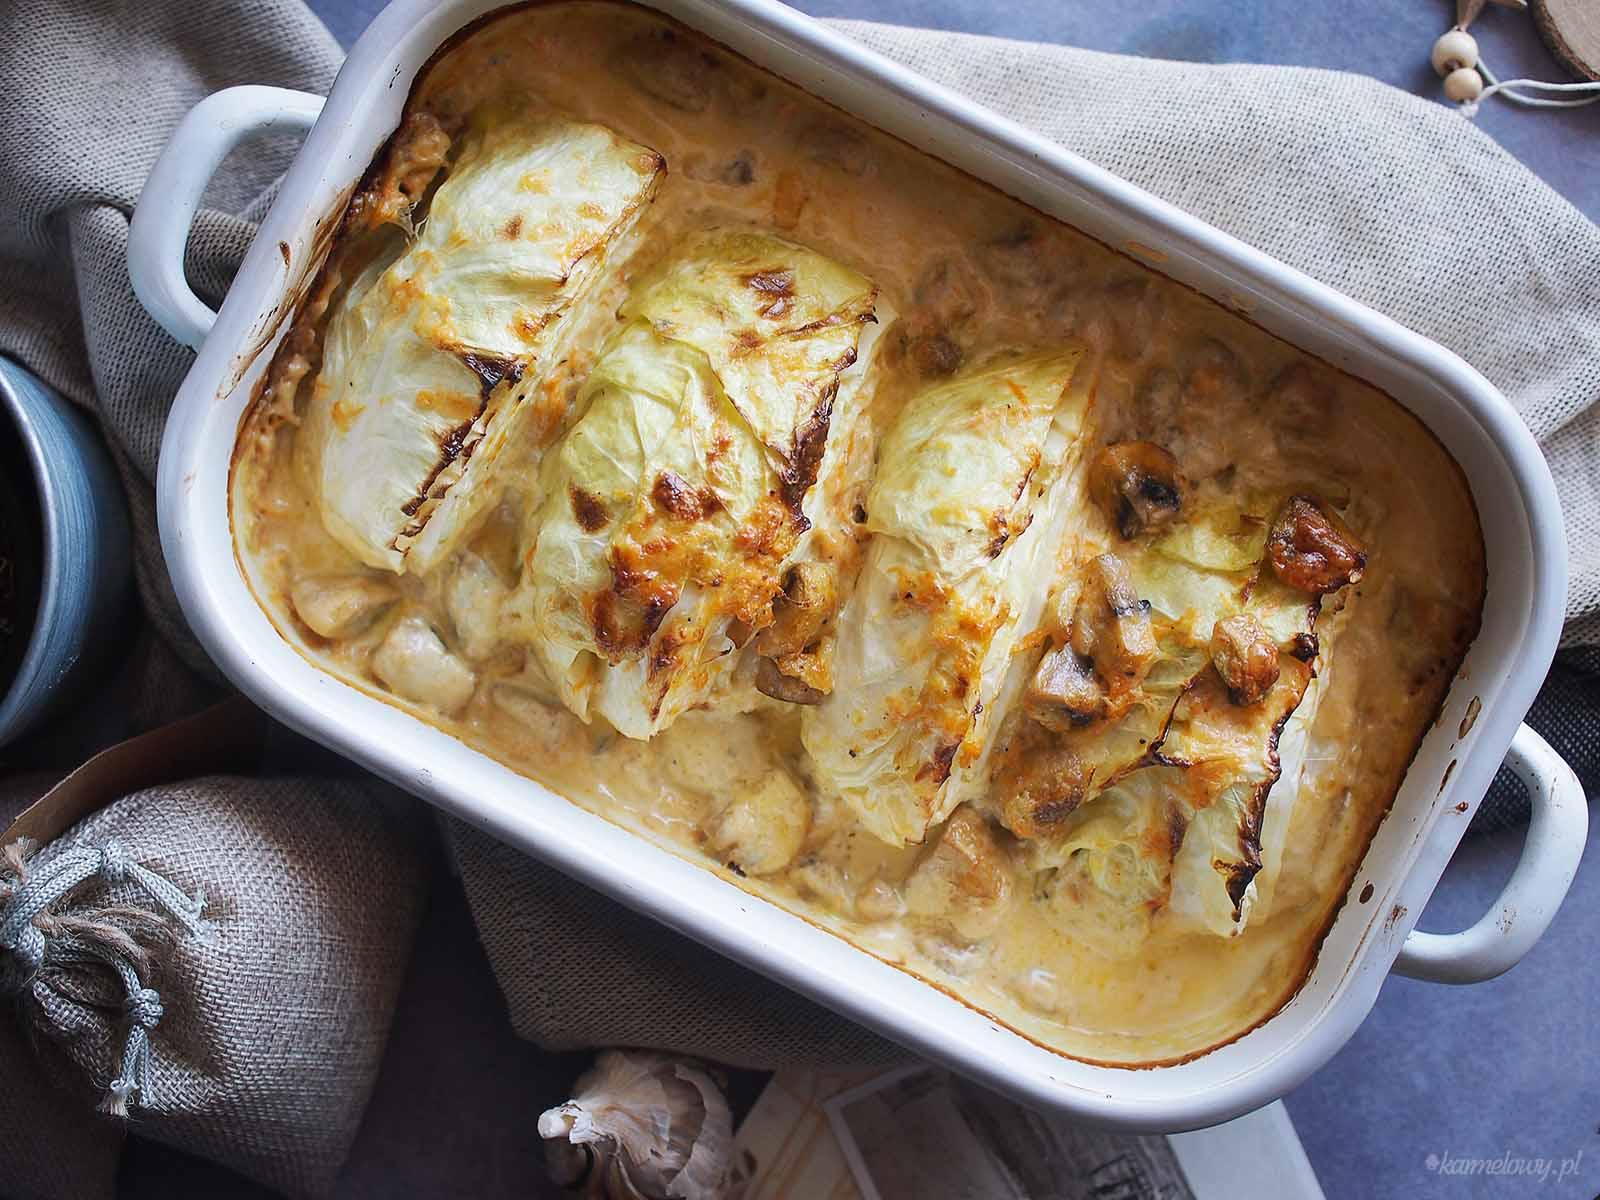 Mloda-kapusta-zapiekana-w-smietanie-Creamy-young-cabbage-bake